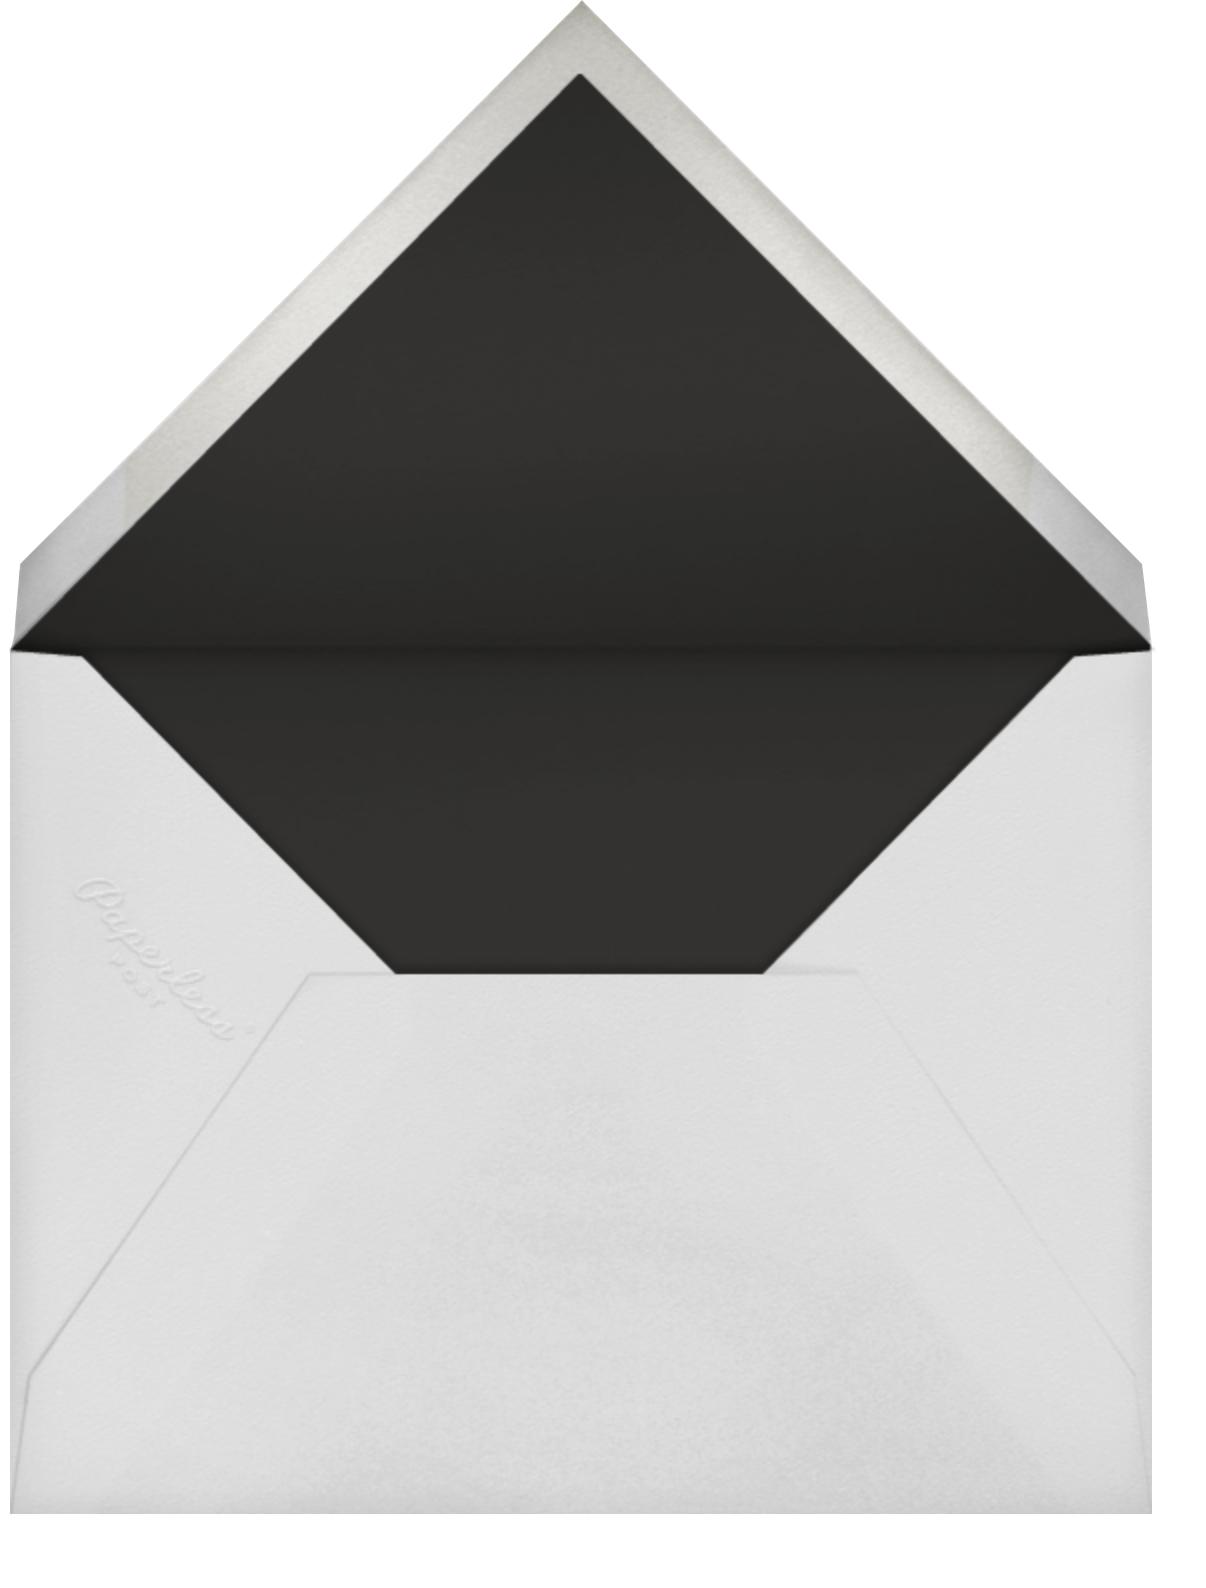 Floral Trellis II - Silver - Oscar de la Renta - All - envelope back